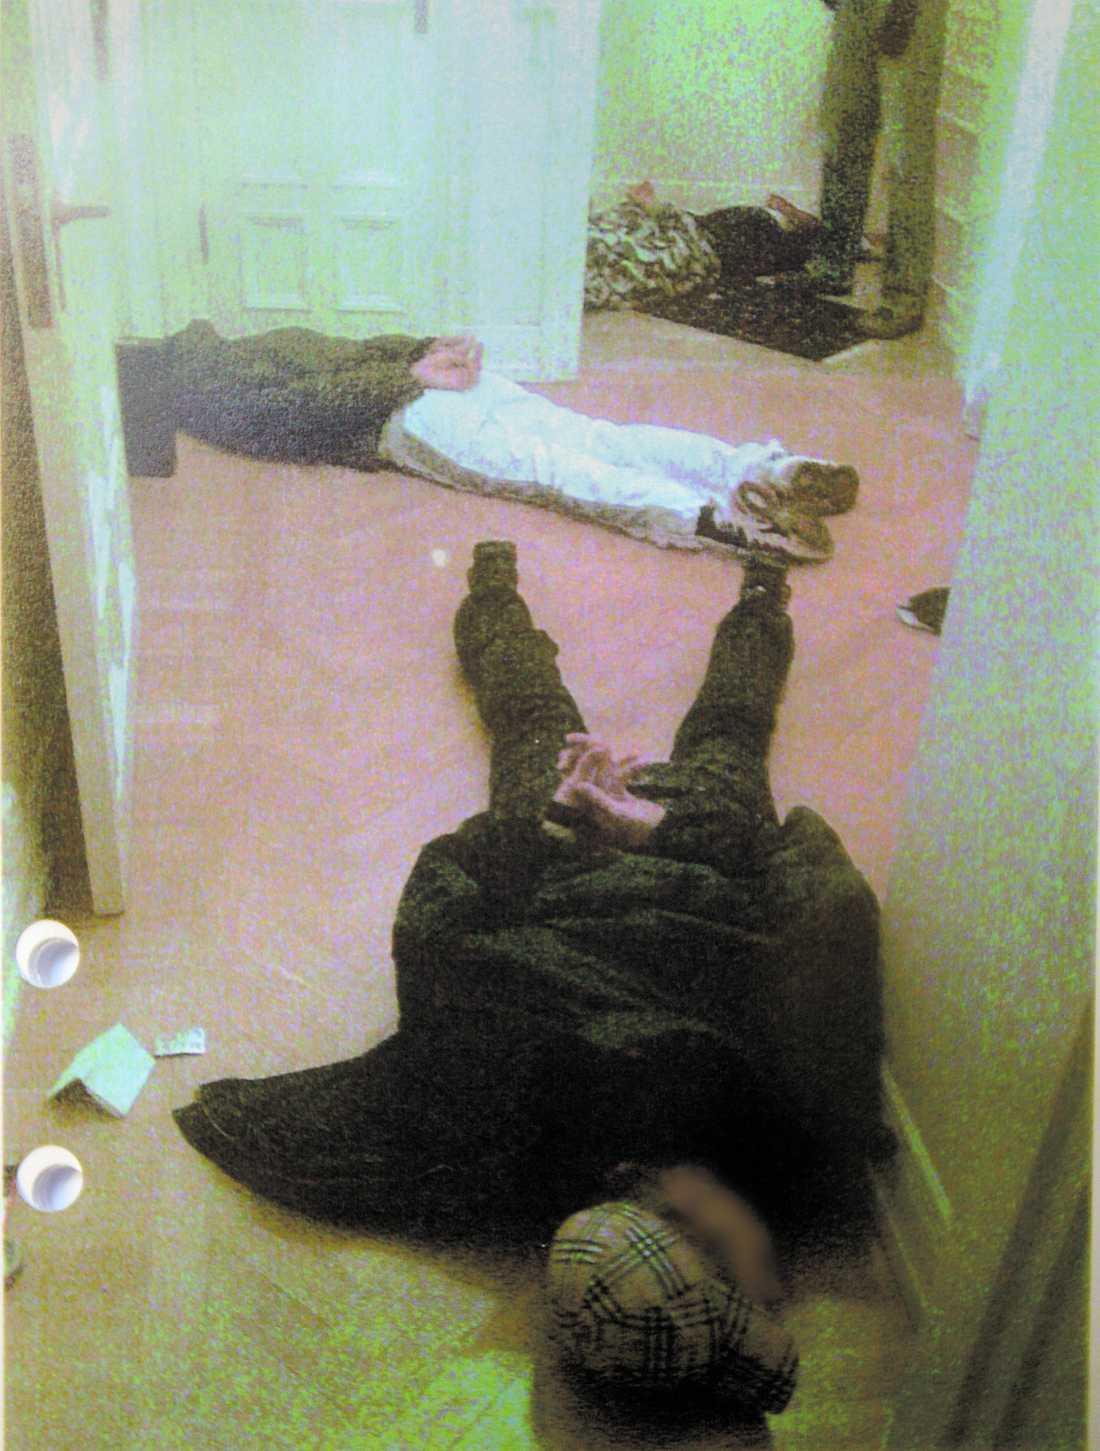 SKULLE HÄMTA PENGAR Fyra av de fem åtalade männen åkte till företagarnas kontor i Stockholm för att hämta utpressningspengarna den 19 december. Där väntade polisen med handbojor. Här ligger tre av de åtalade – 26, 25 och 21 år gamla – handbojade. Den fjärde, 22-åringen, greps i trapphuset. Den femte åtalade mannen greps först den 24 januari.